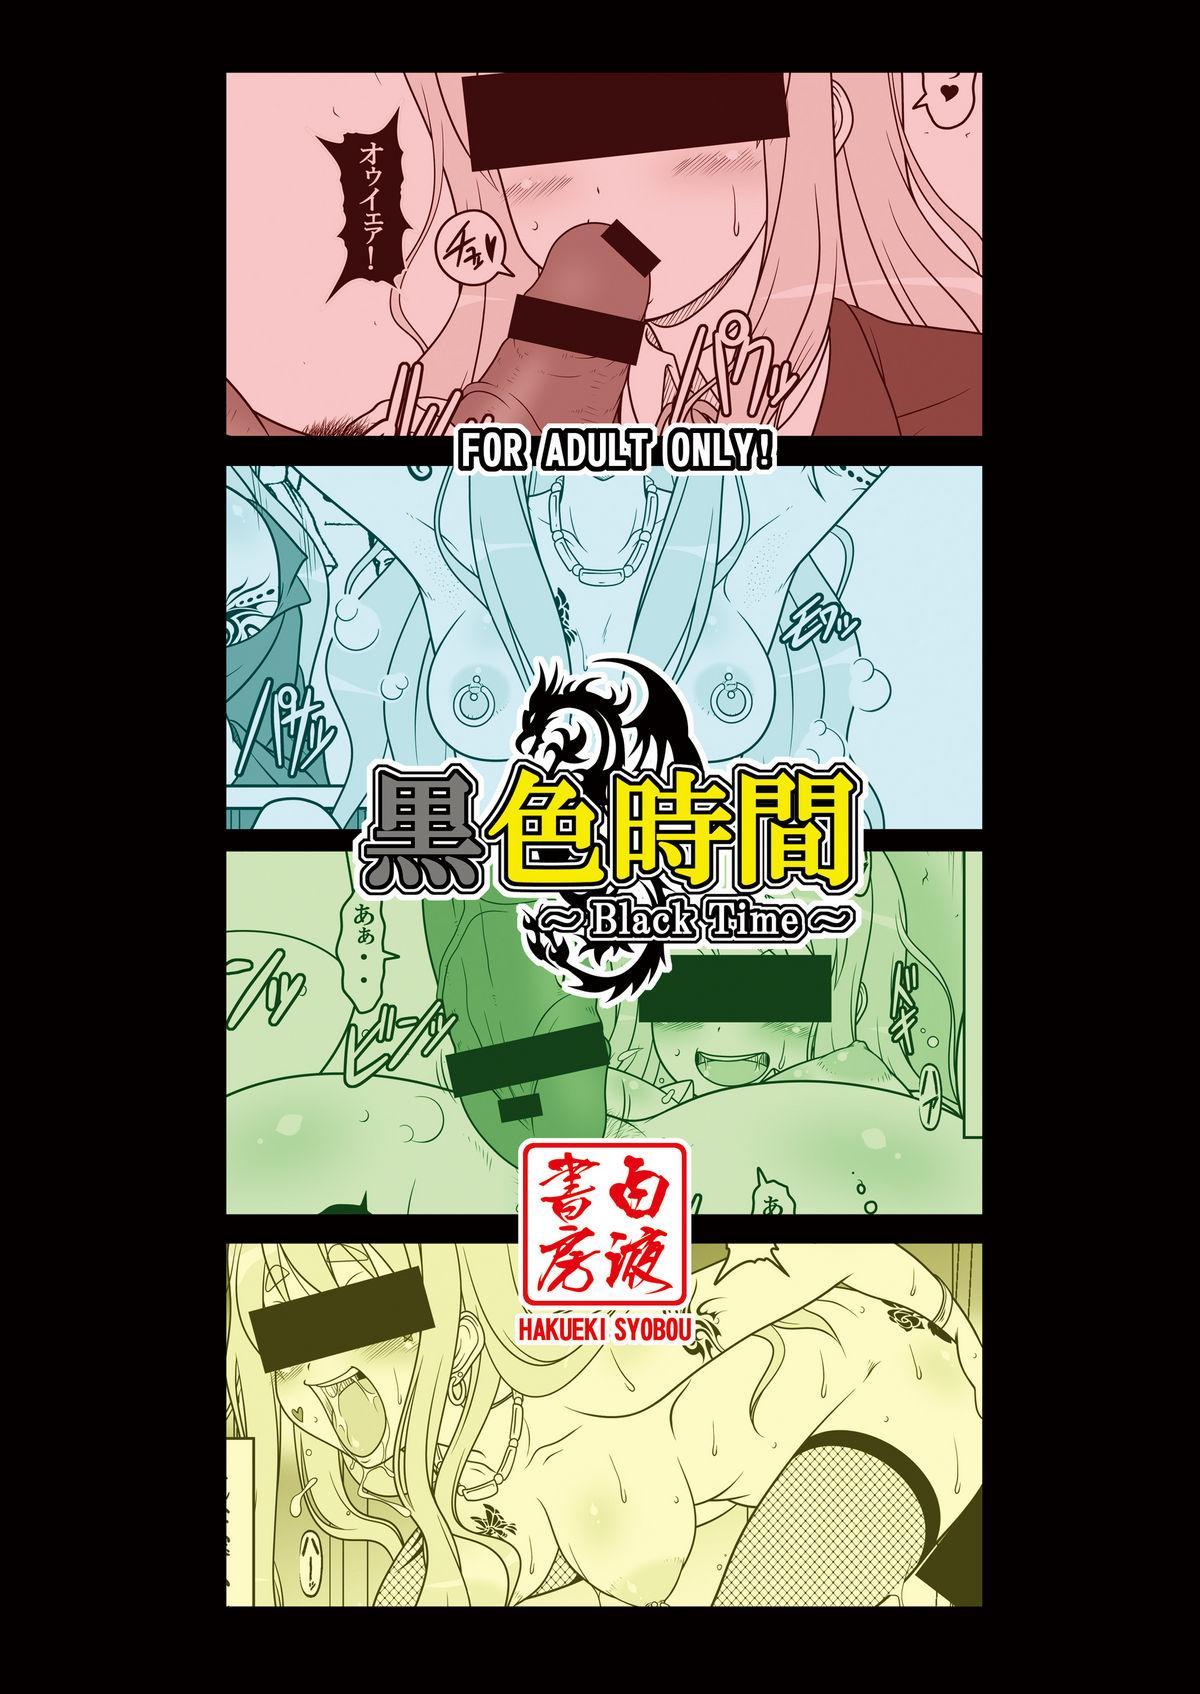 Kuroiro Jikan - Black Time 25